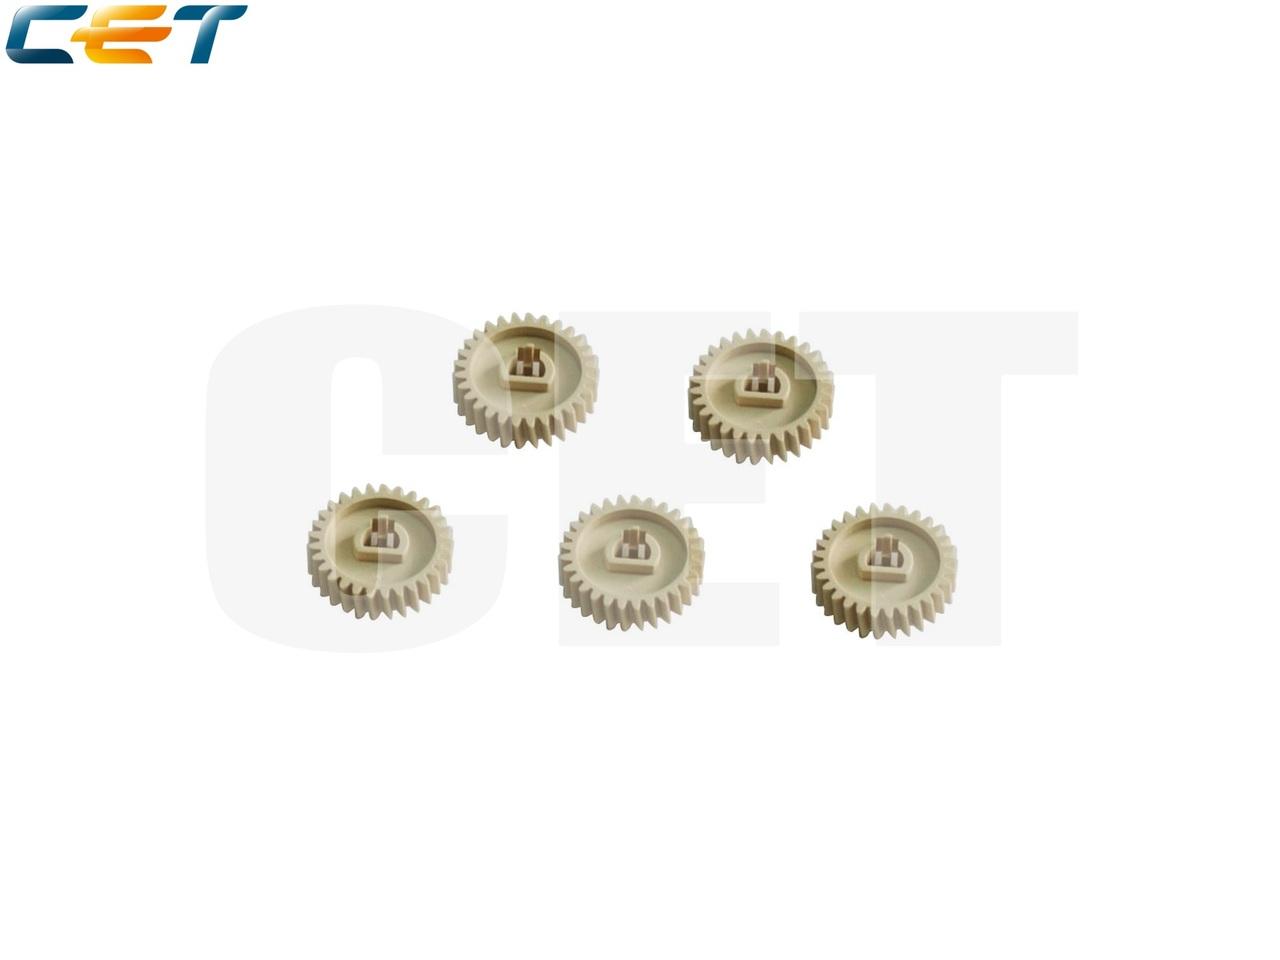 Шестерня привода резинового вала 29T RU5-0964-000,RU7-0028-000 для HP LaserJet Enterprise P3015/P3005 (CET),CET3647